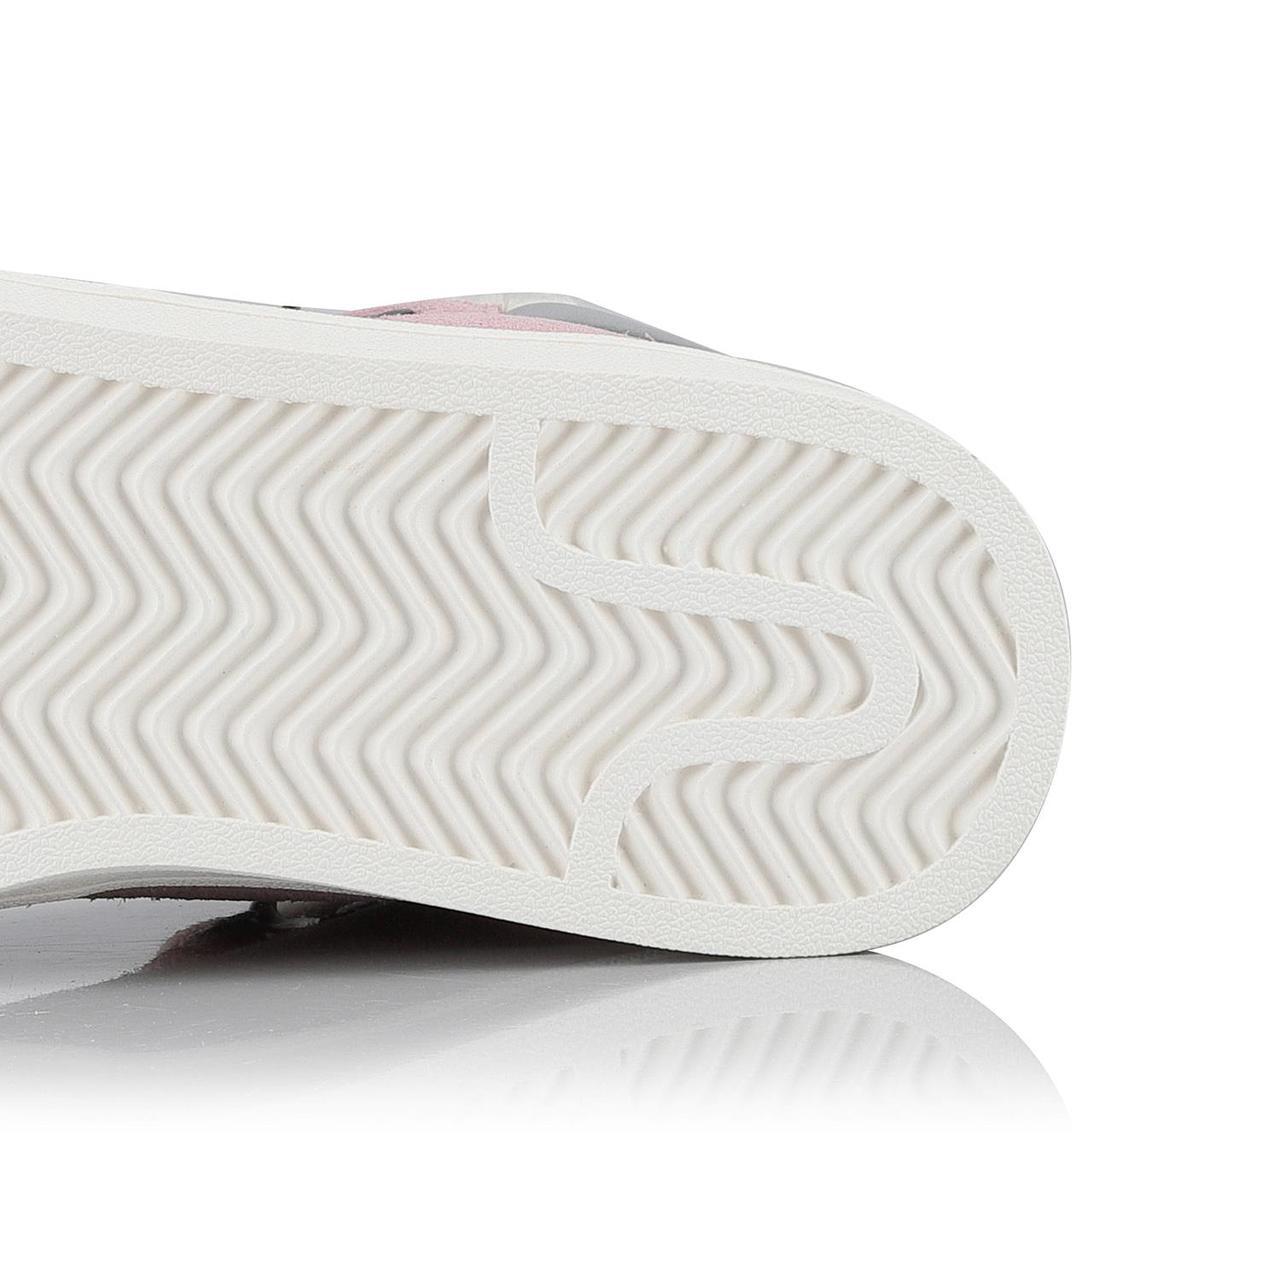 Ботинки MANDELTNA Розовый, 38 - фото 10